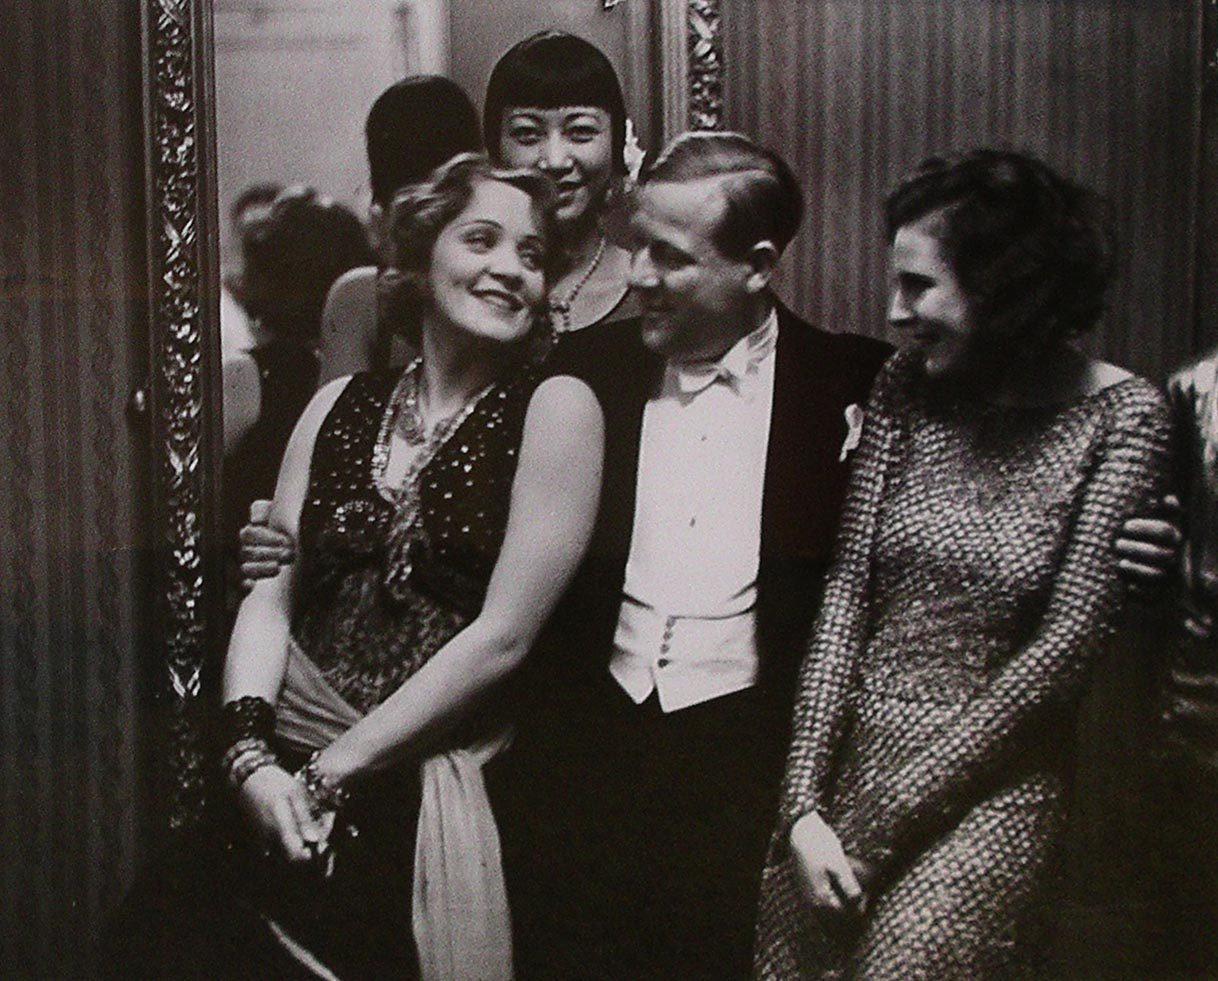 Marlene Dietrich, Anna May-Wong and Reifenstahl at a Berlin Ball